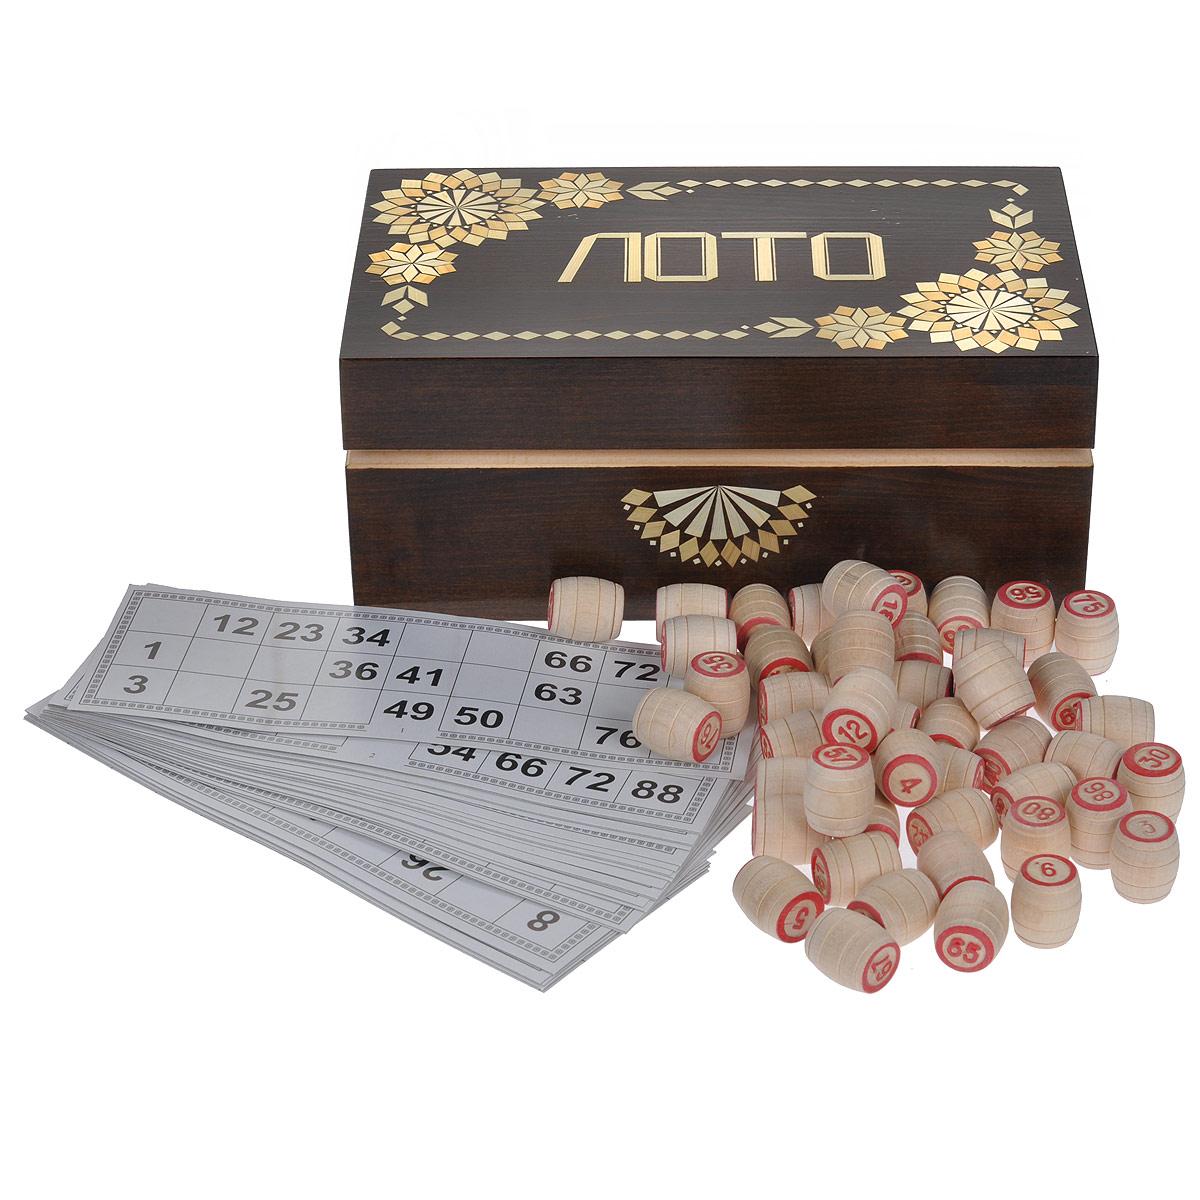 Игра настольная Русское лото, размер: 24,5х15х9. 30043004Настольная игра Русское лото - то, что нужно для отличного проведения досуга в кругу друзей и близких. Набор включает 90 деревянных бочонков, текстильный мешочек и 24 игровых карточки. Для бочонков предусмотрен текстильный мешочек синего цвета. Все предметы хранятся в подарочной деревянной шкатулке, оформленной узорами из соломки и надписью Лото. Русское лото - это старинная русская игра, правила которой предельно просты и всем известны. Игра обрела популярность в 20 веке и стала единственной официально разрешенной азартной игрой в Советском Союзе. Суть игры состоит в том, чтобы первым закрыть определенное количество цифр на своей карточке. Русское лото делится на три вида: простое лото, короткое лото и лото три на три. Играть можно на деньги или на интерес. Подробные правила игры вы можете найти в инструкции, написанной на коробки.